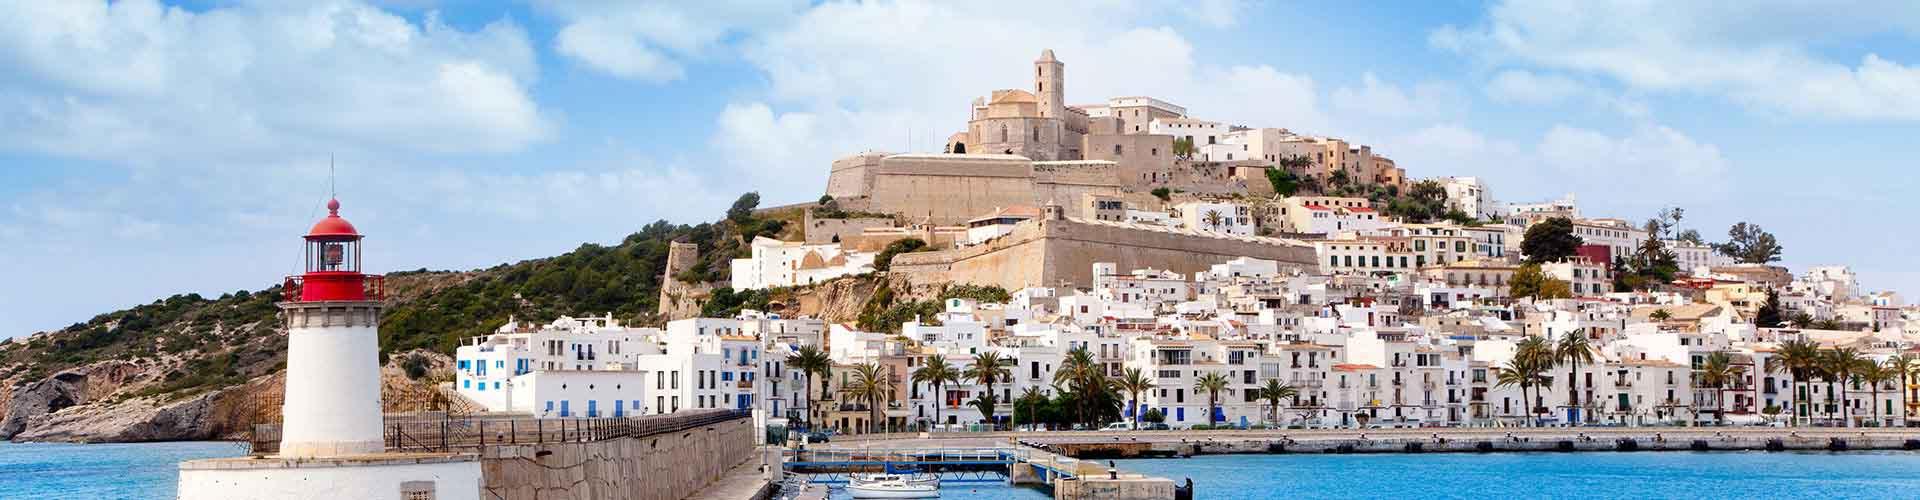 Ibiza - Habitaciones en Ibiza. Mapas de Ibiza, Fotos y comentarios de cada Habitación en Ibiza.